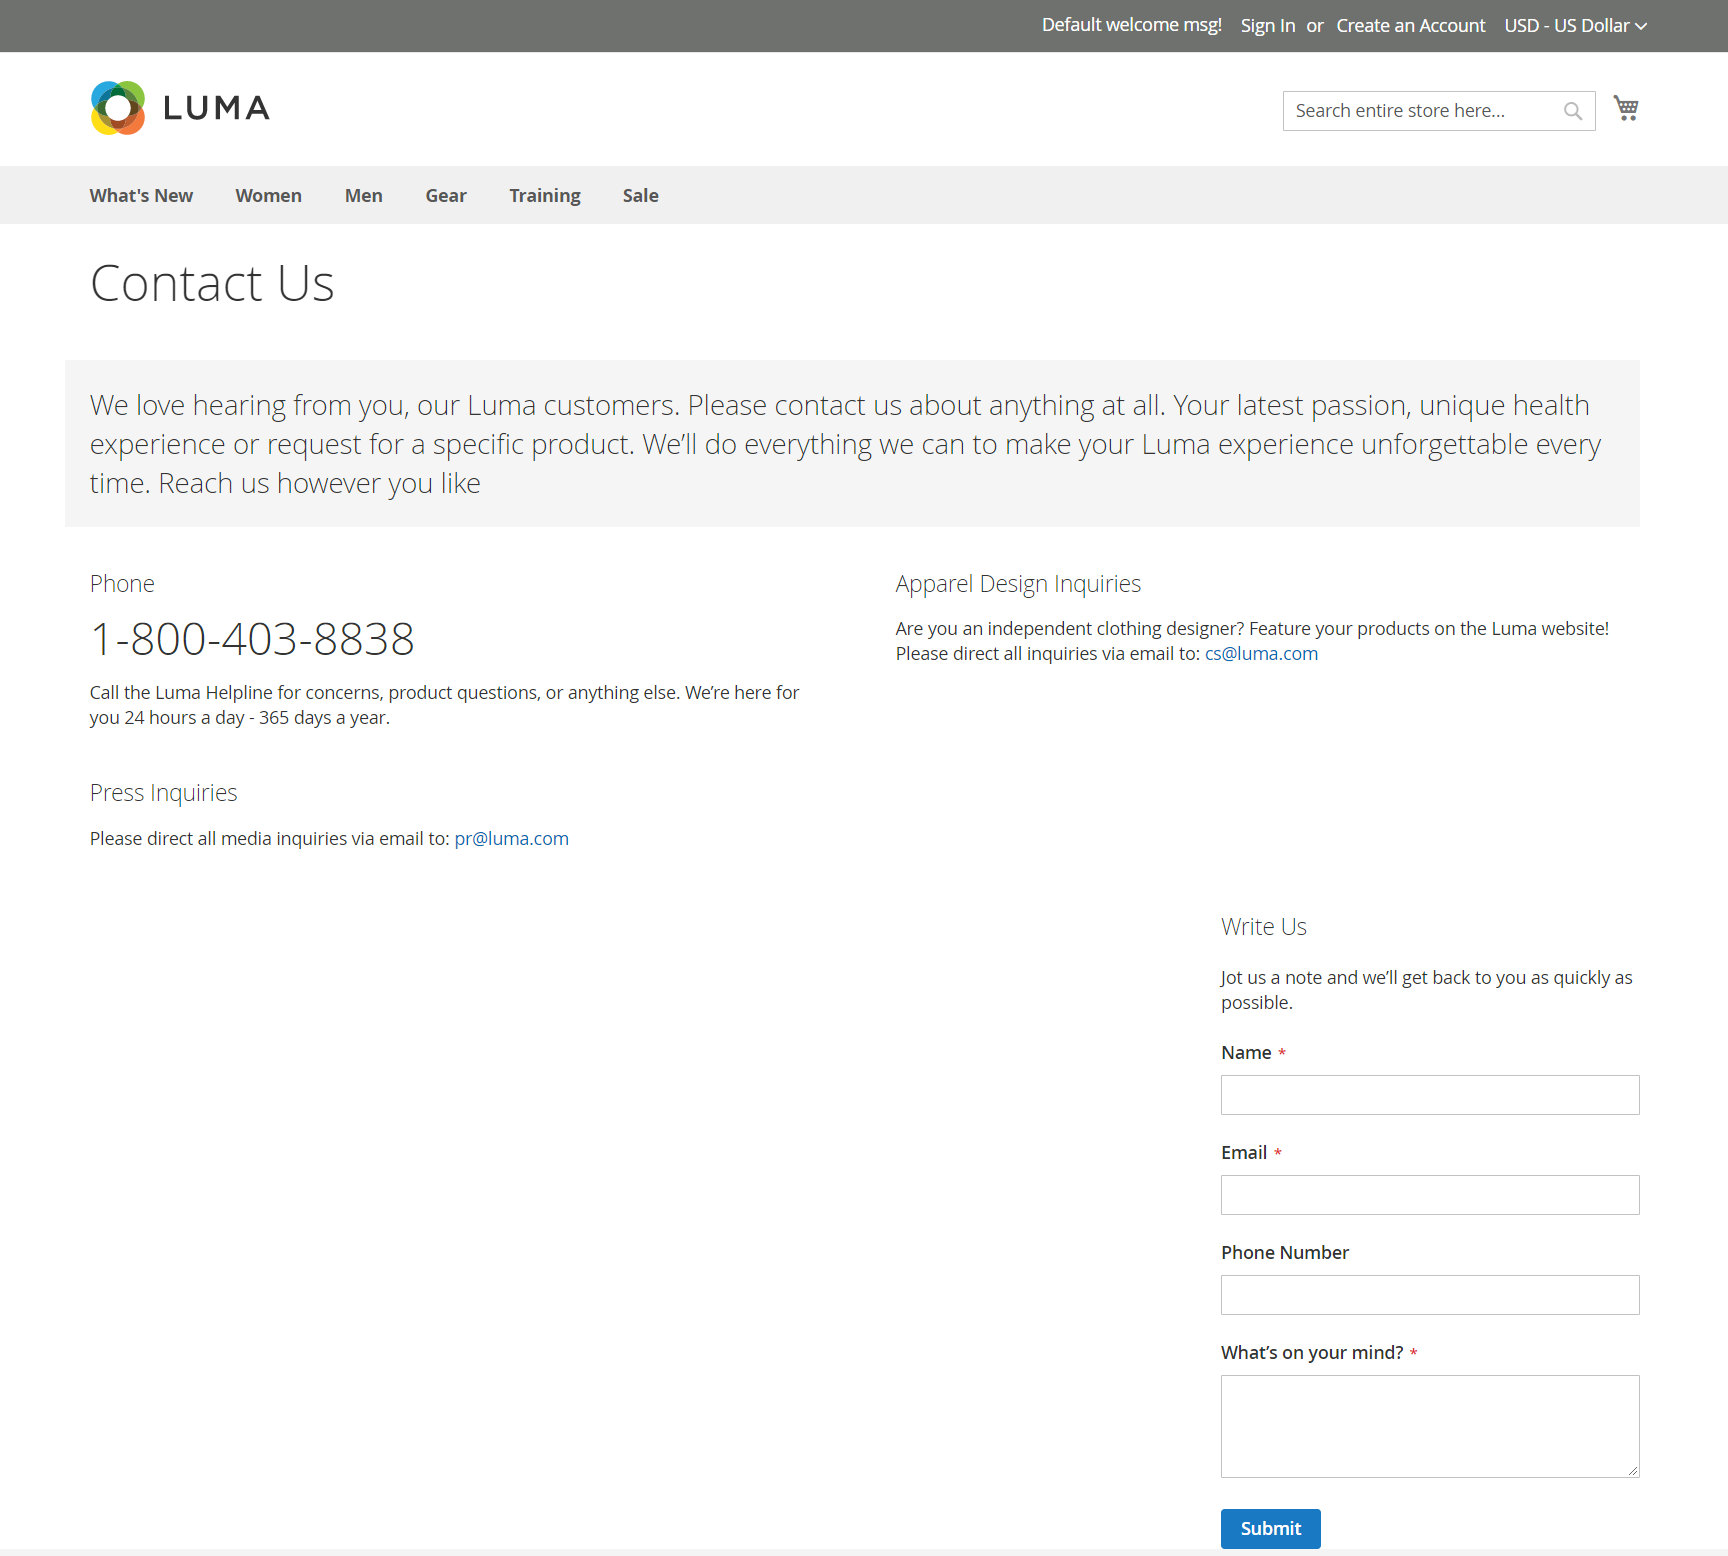 إعداد صفحة اتصل بنا (Contact Us) لمتجر على ماجنتو 2